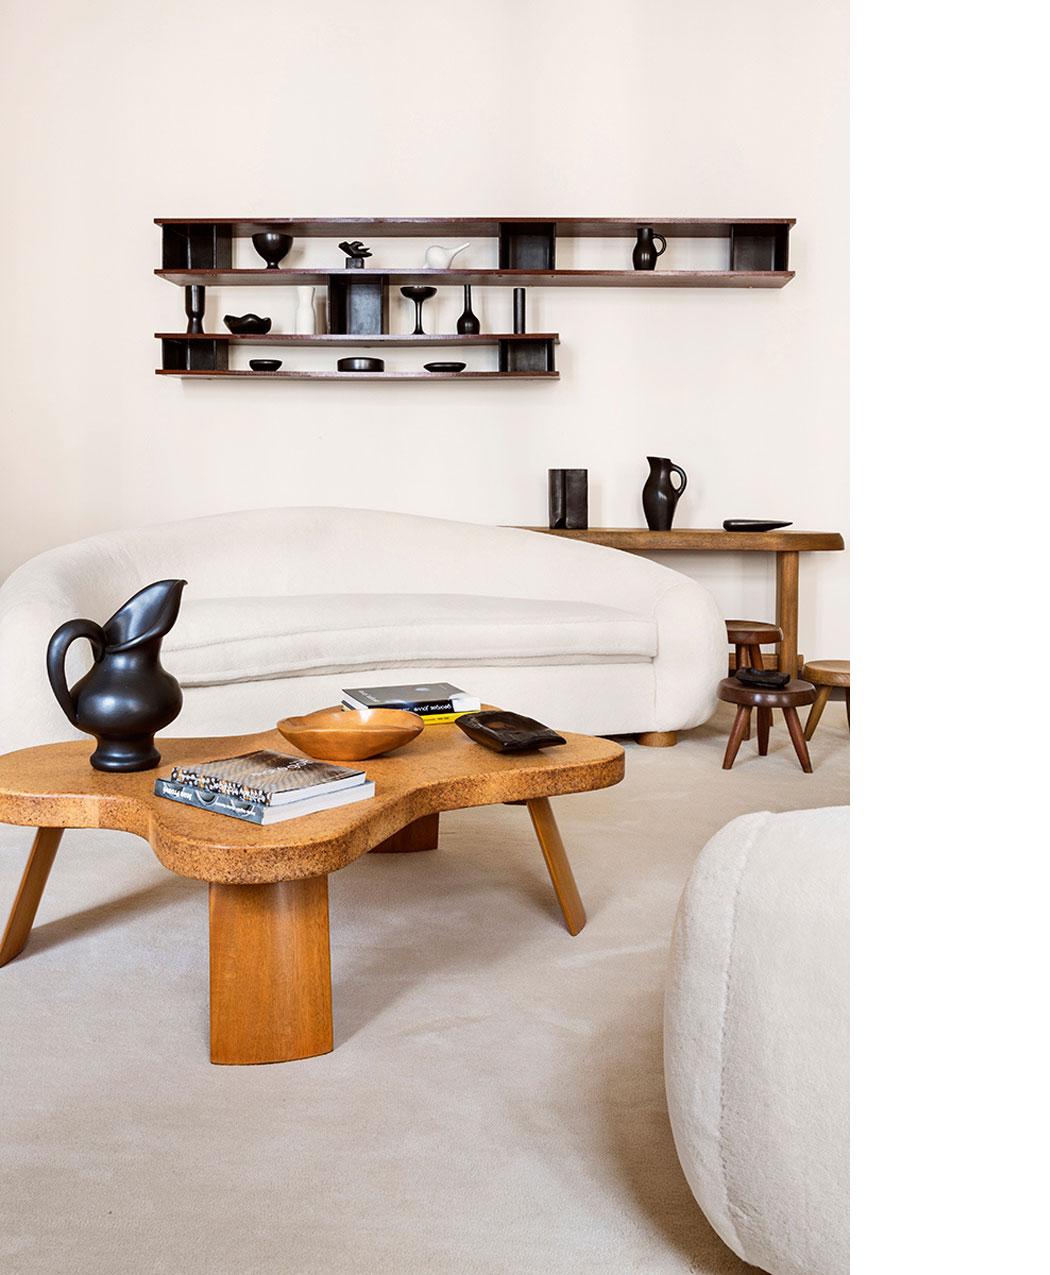 Emmanuel de Bayser's Berlin Apartment 6.png